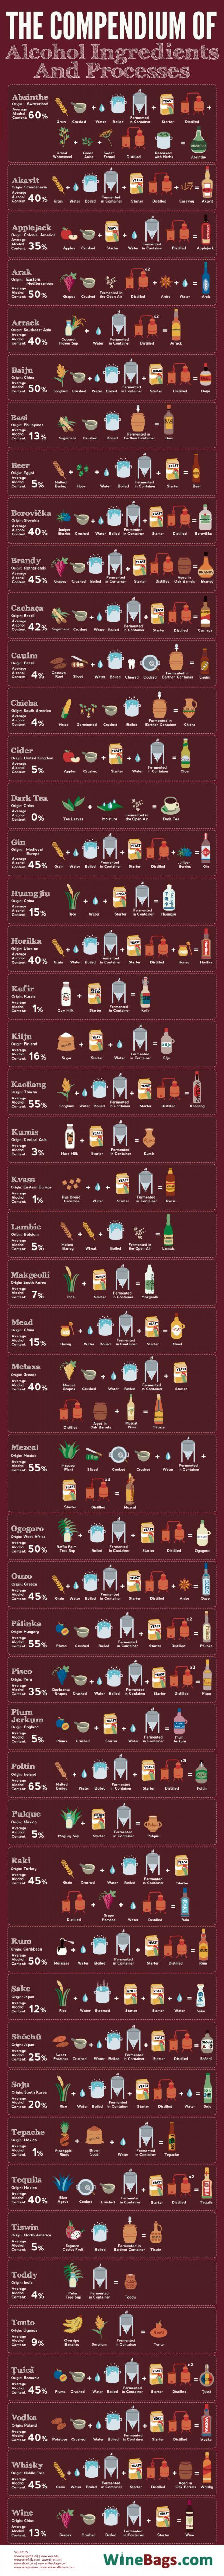 ingredientes y procesos de las bebidas alcoholicas_unpocogeek.com